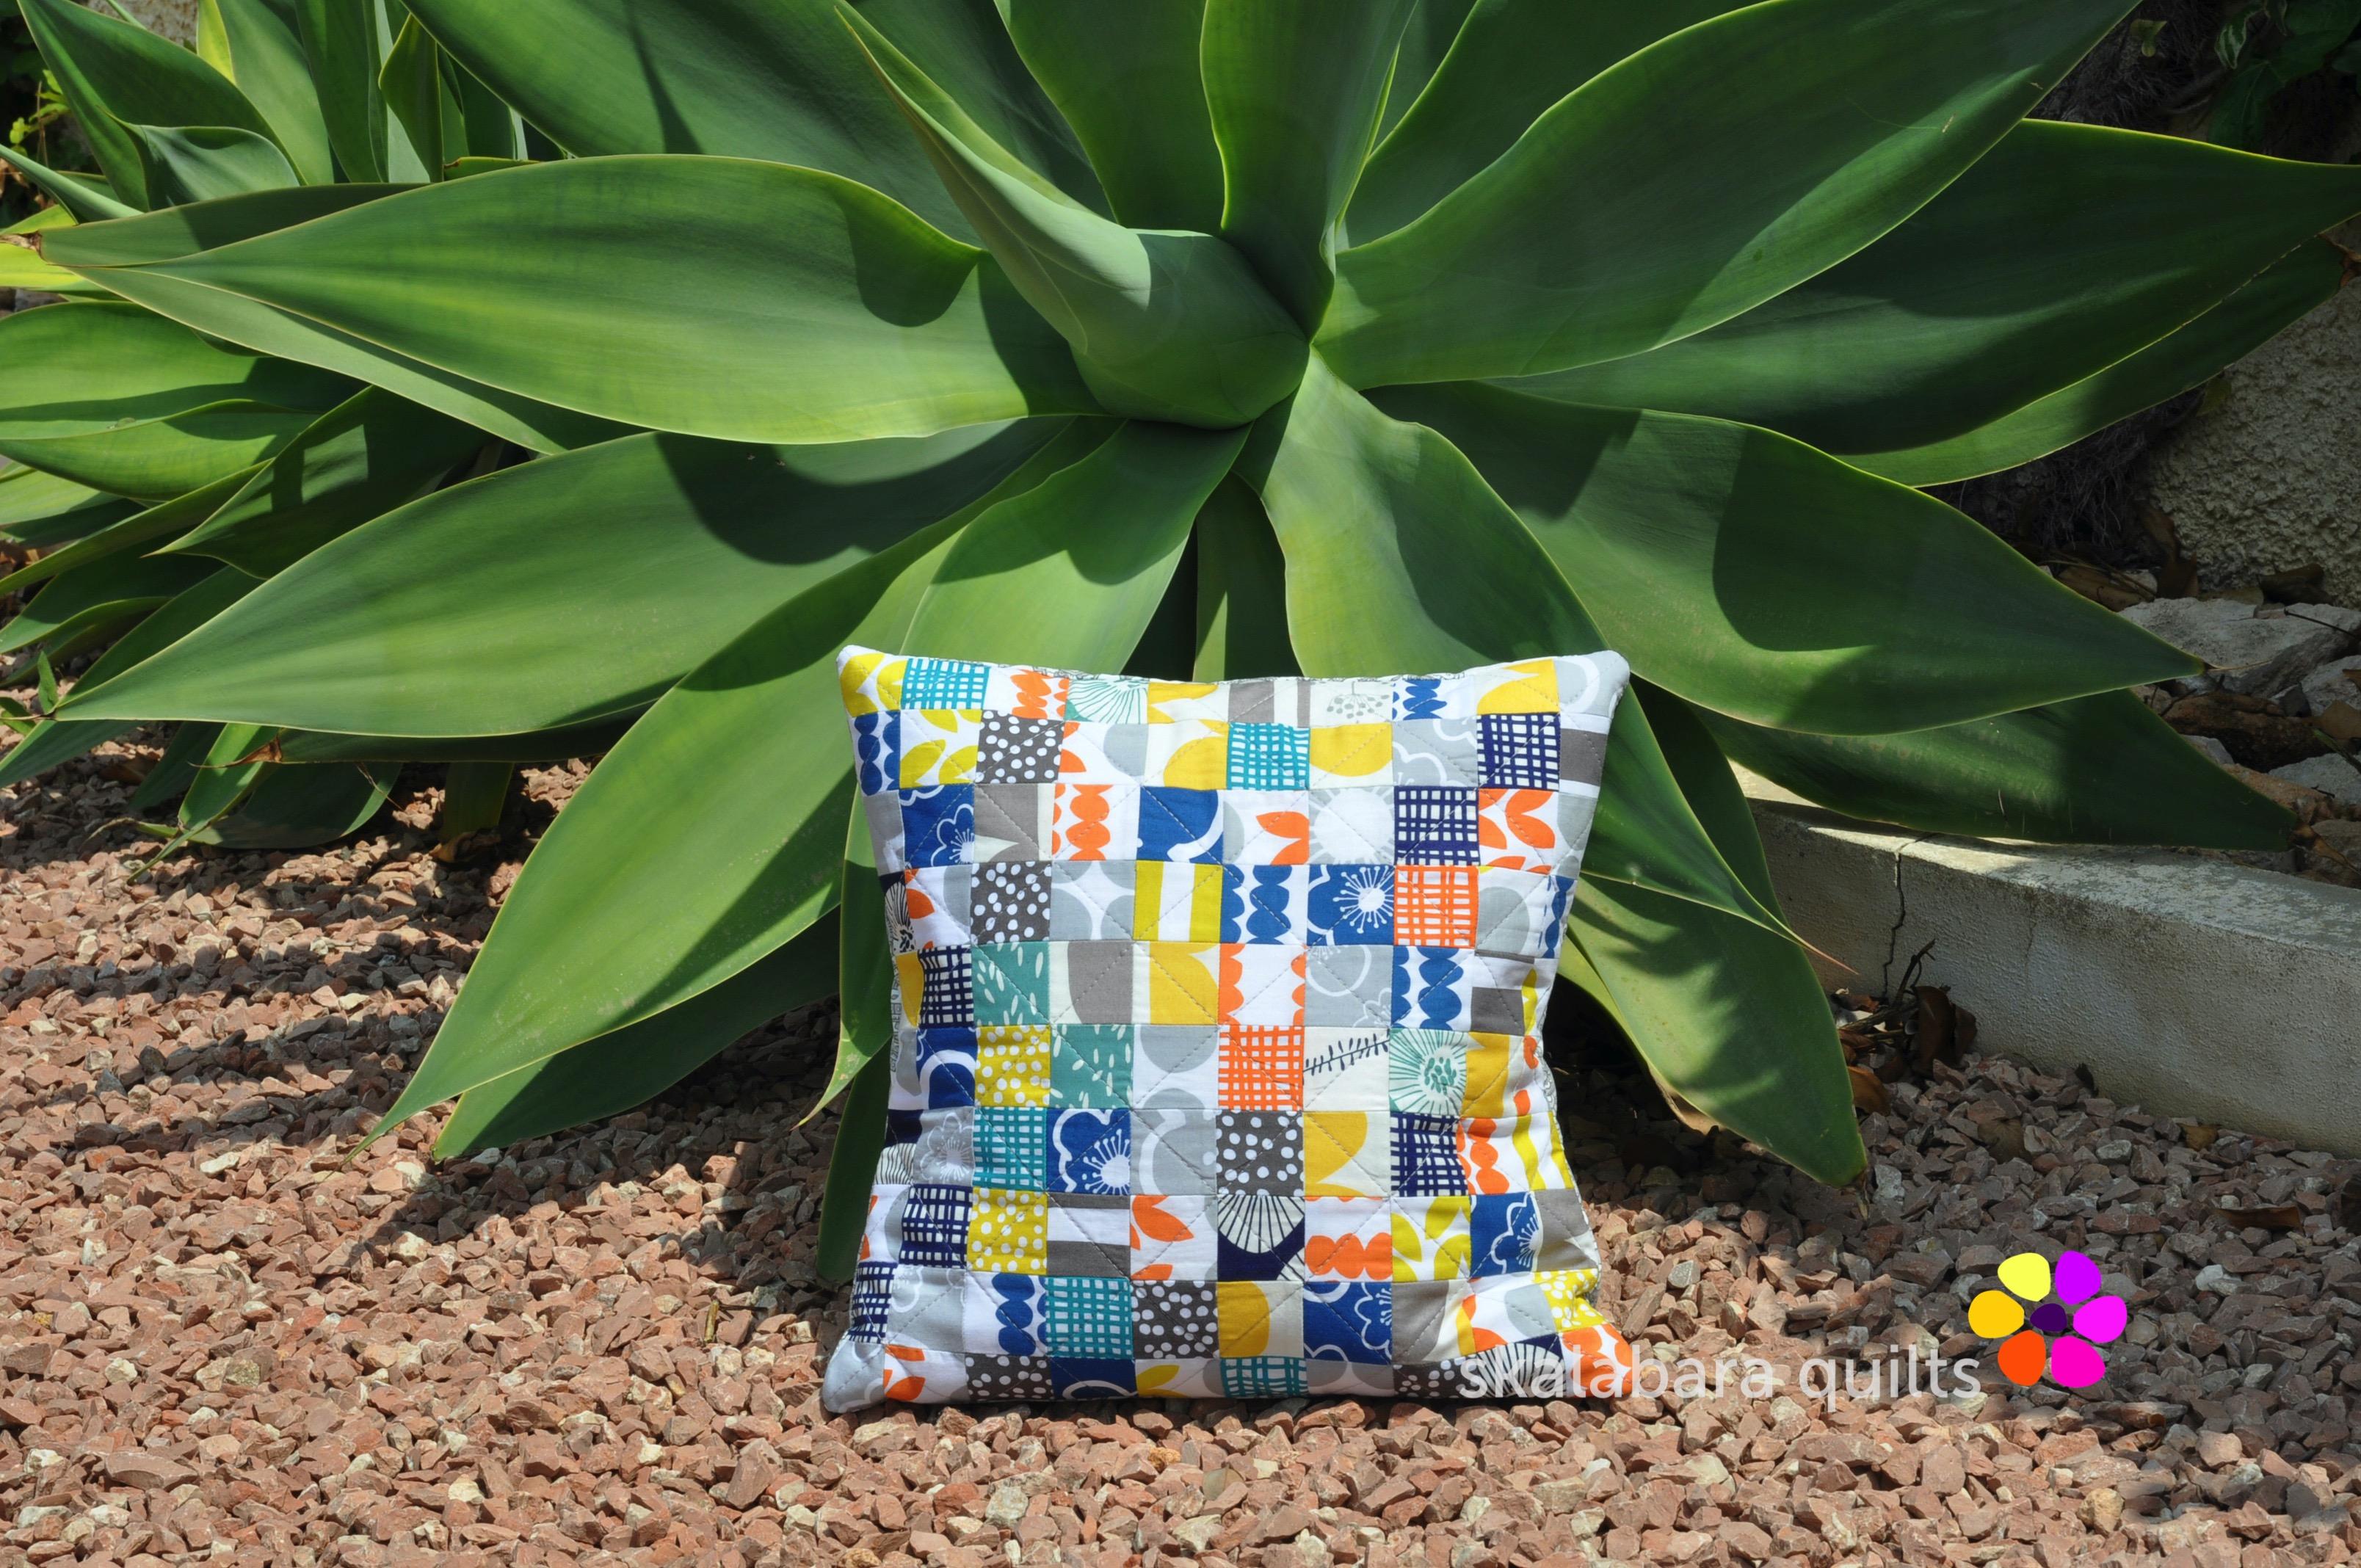 bella cushion cover squares small - skalabara quilts